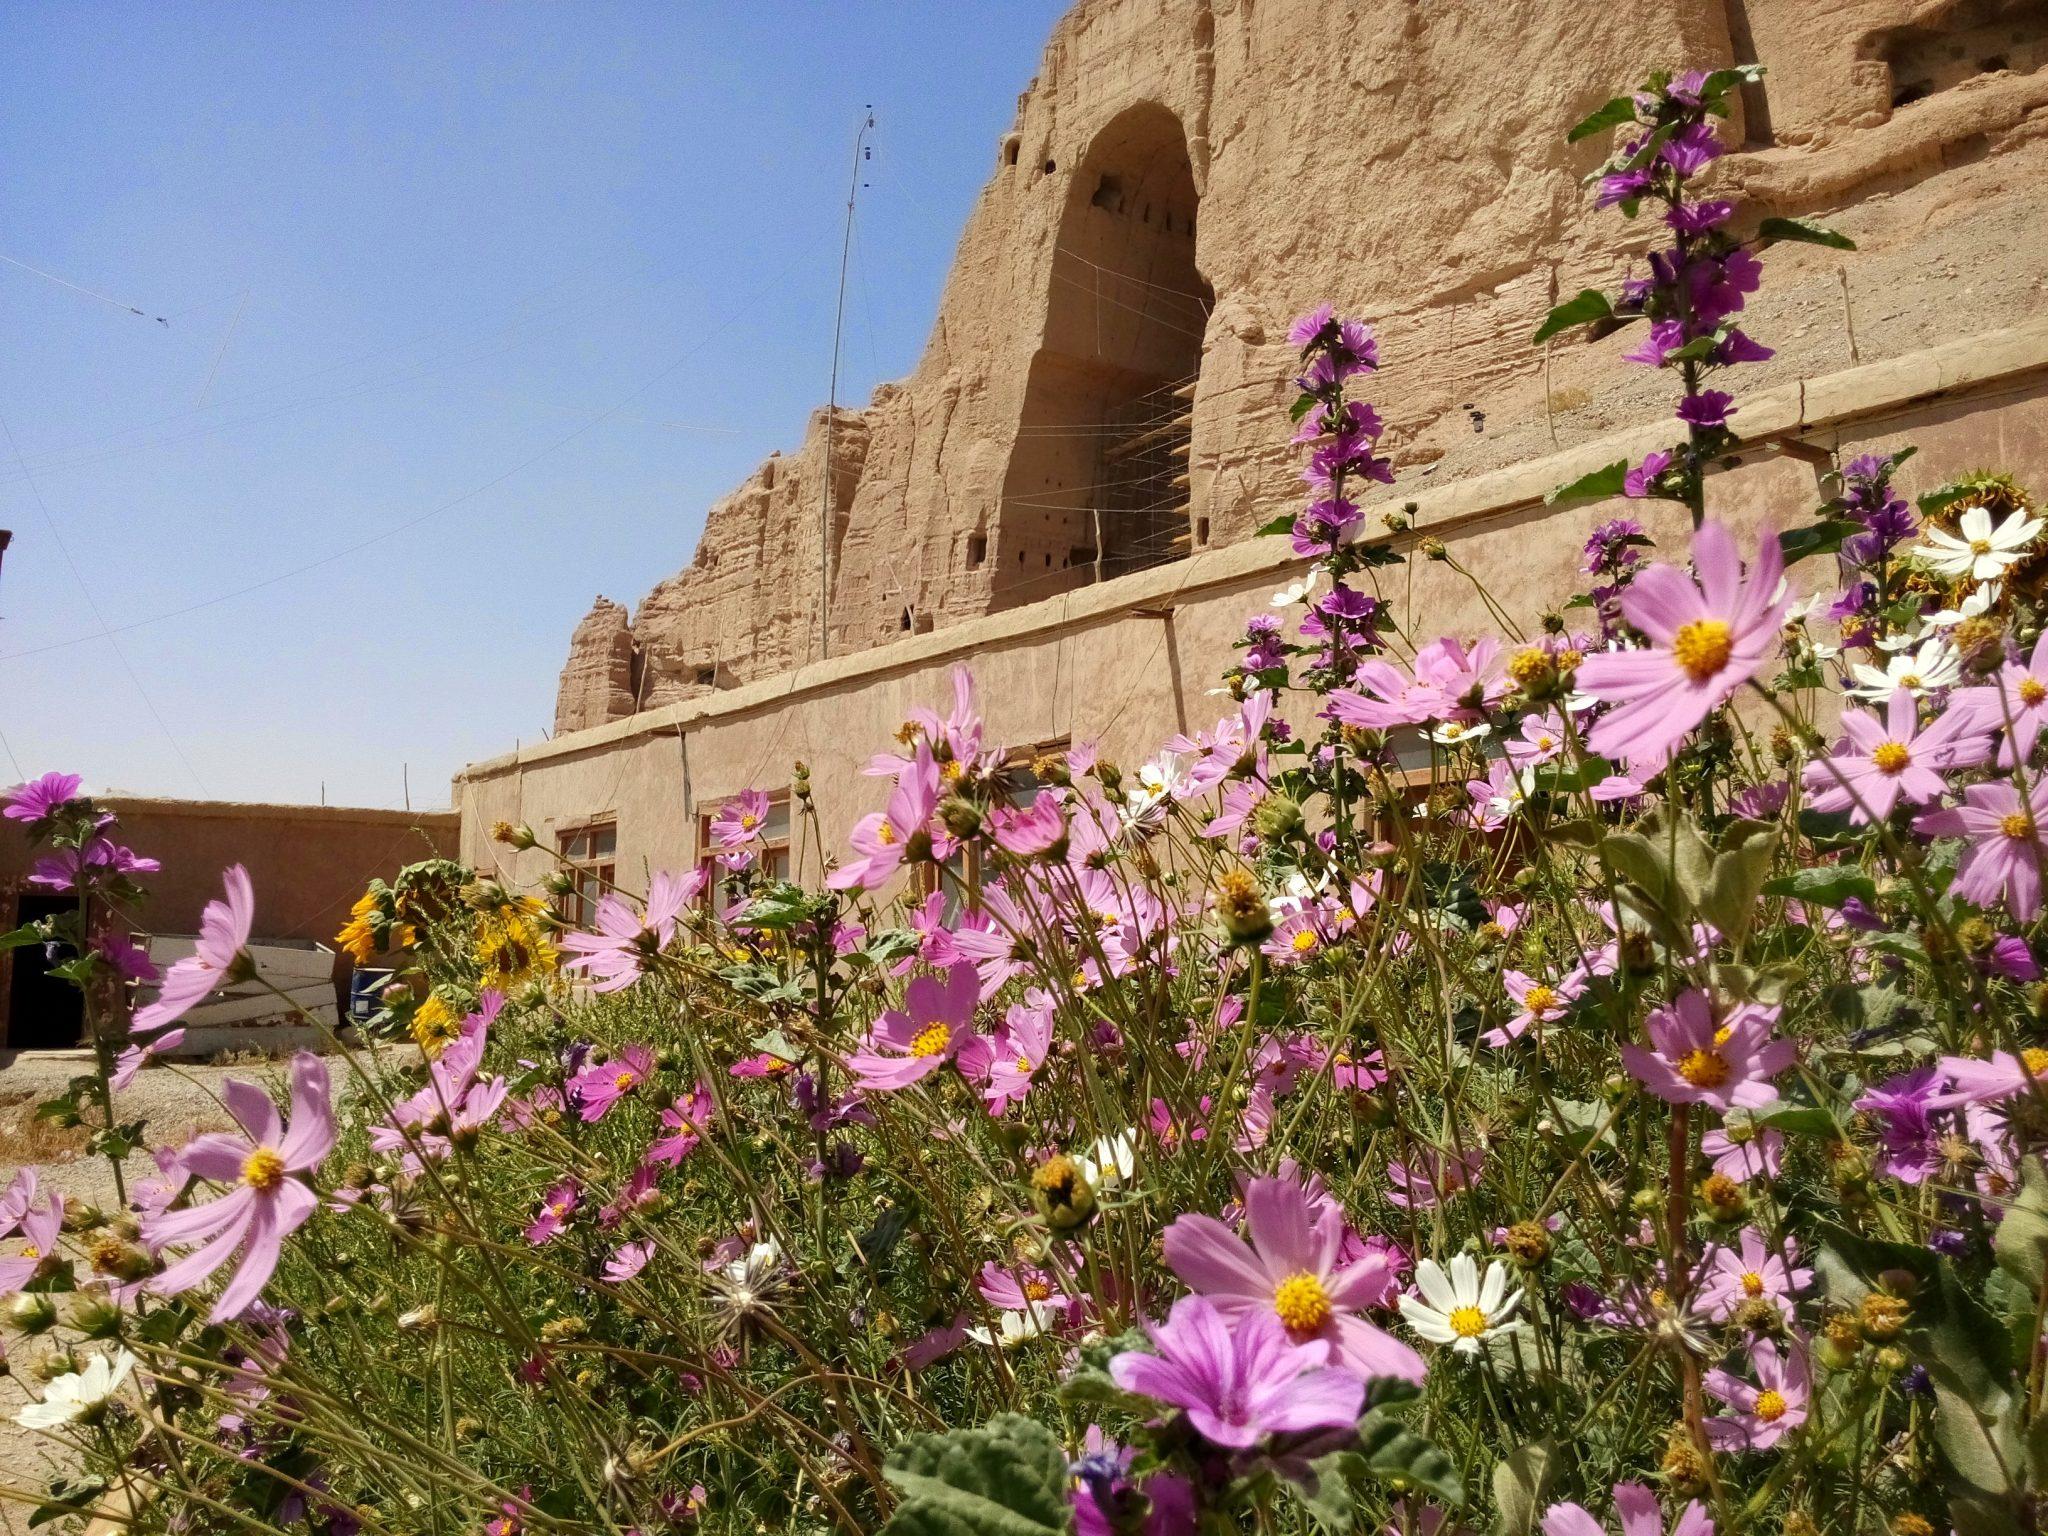 Widok na niszę po posągu Buddy z kwiatami na pierwszym planie w Bamyan w Afganistanie